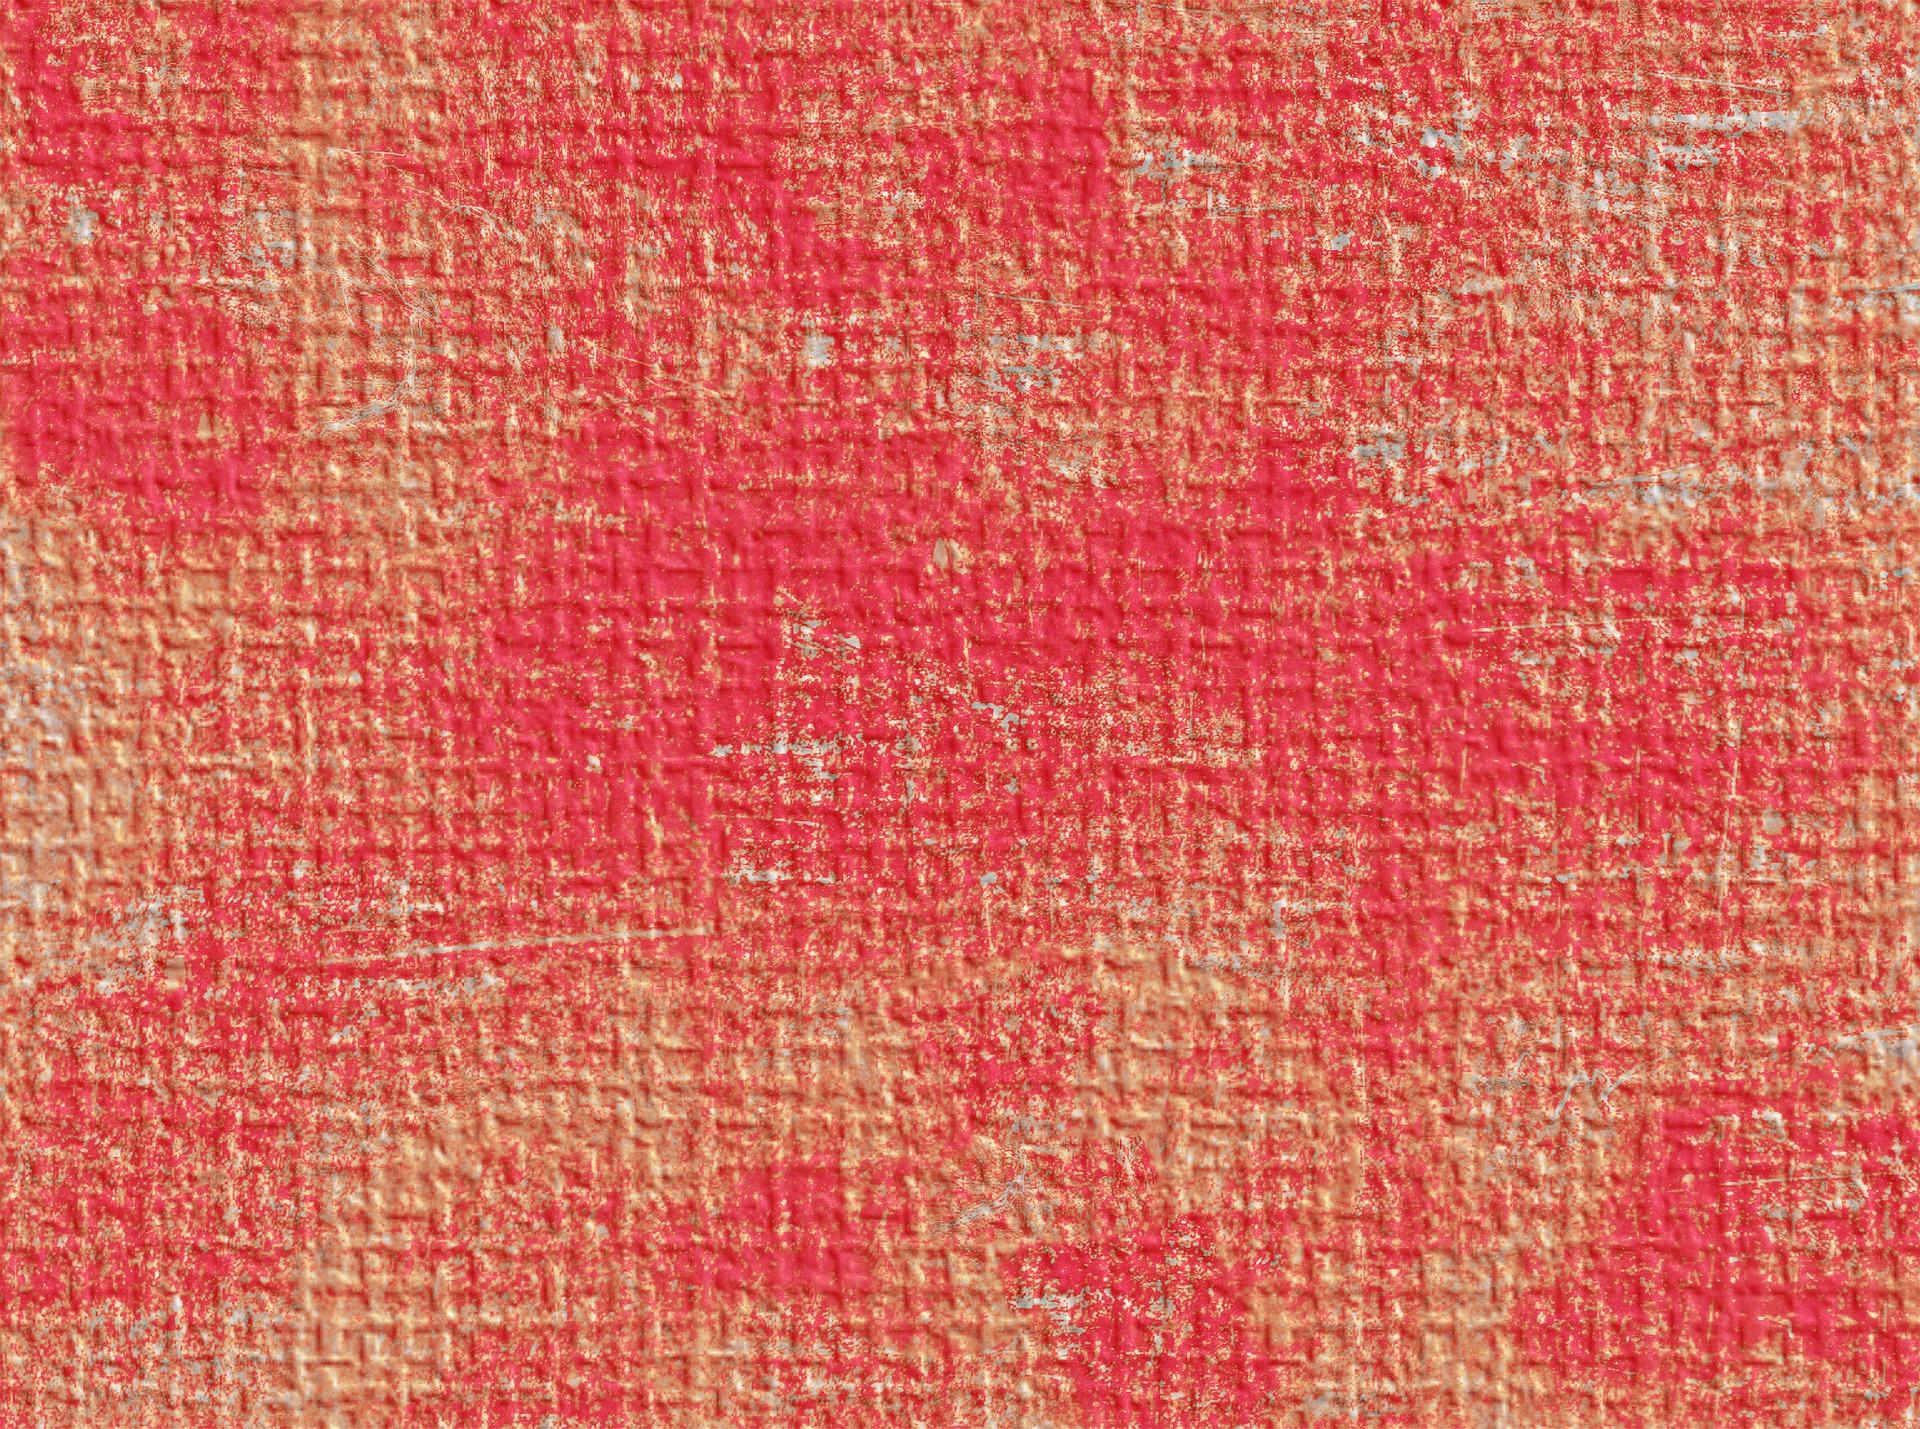 wall-745030_1920